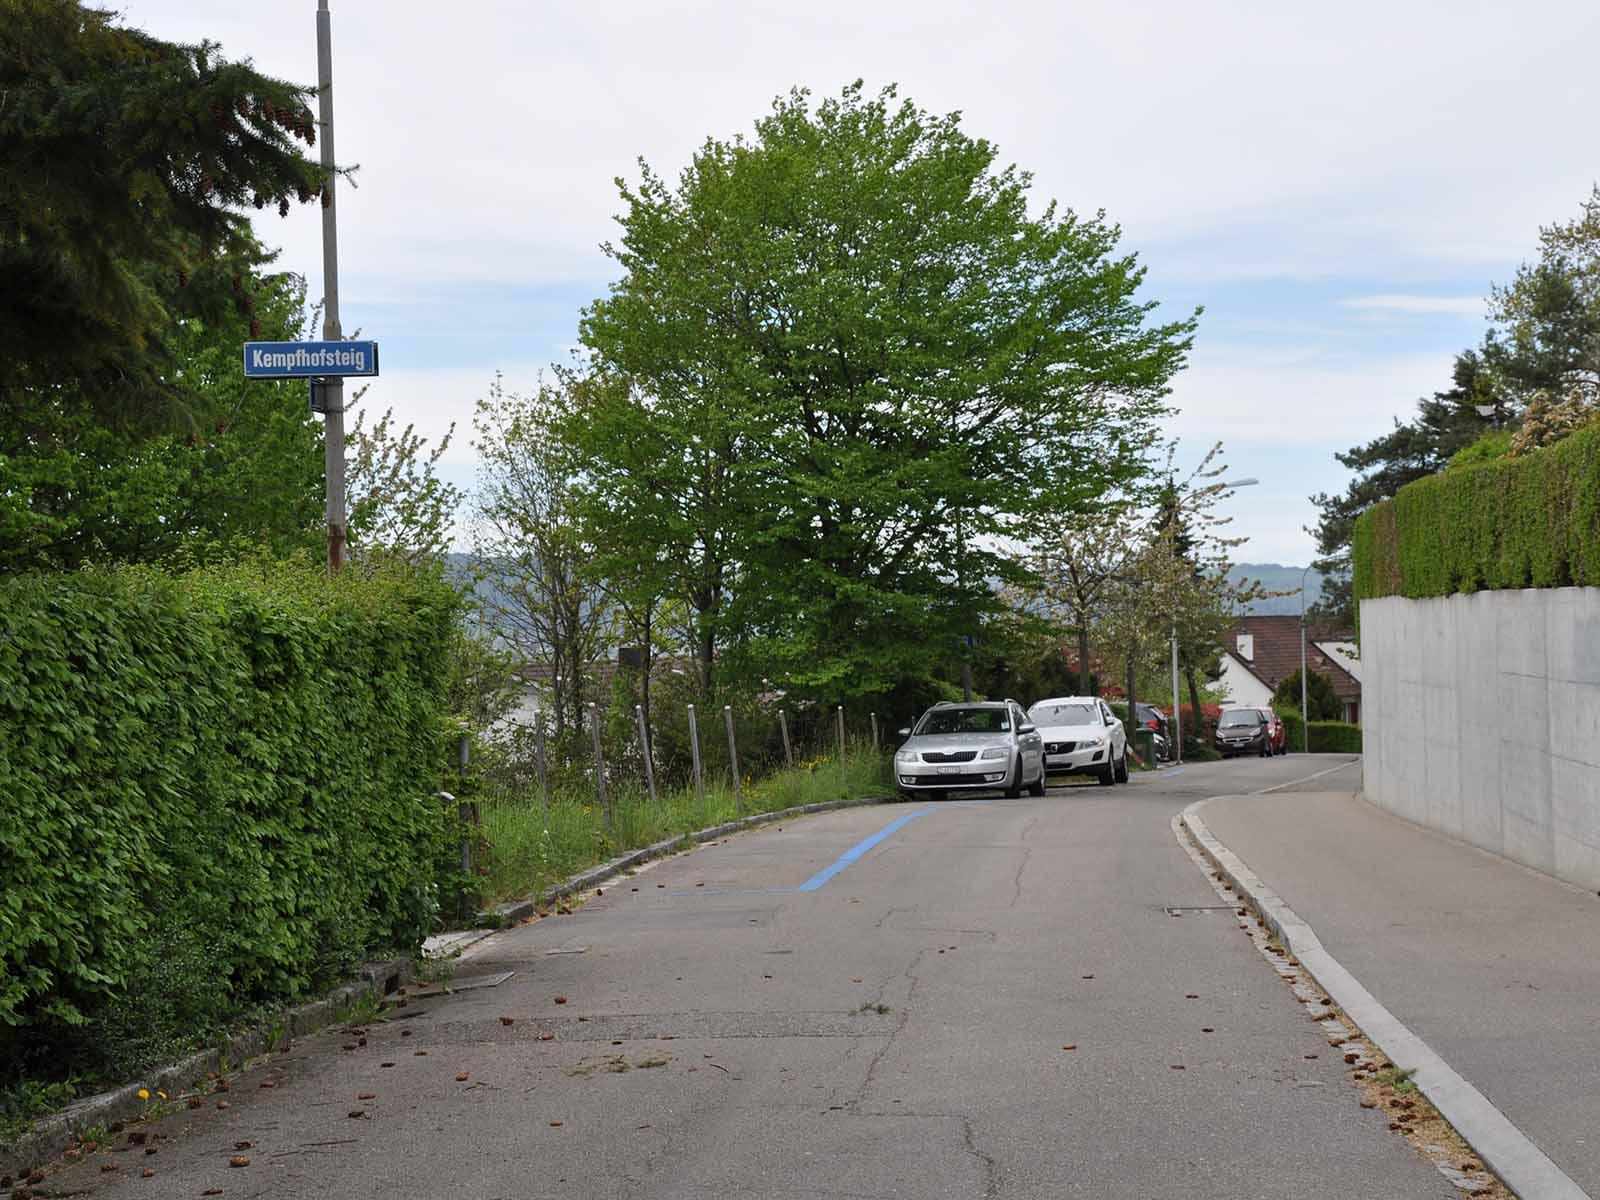 Beim Kempfhofsteig links im Bild ist eine Trottoirnase geplant.